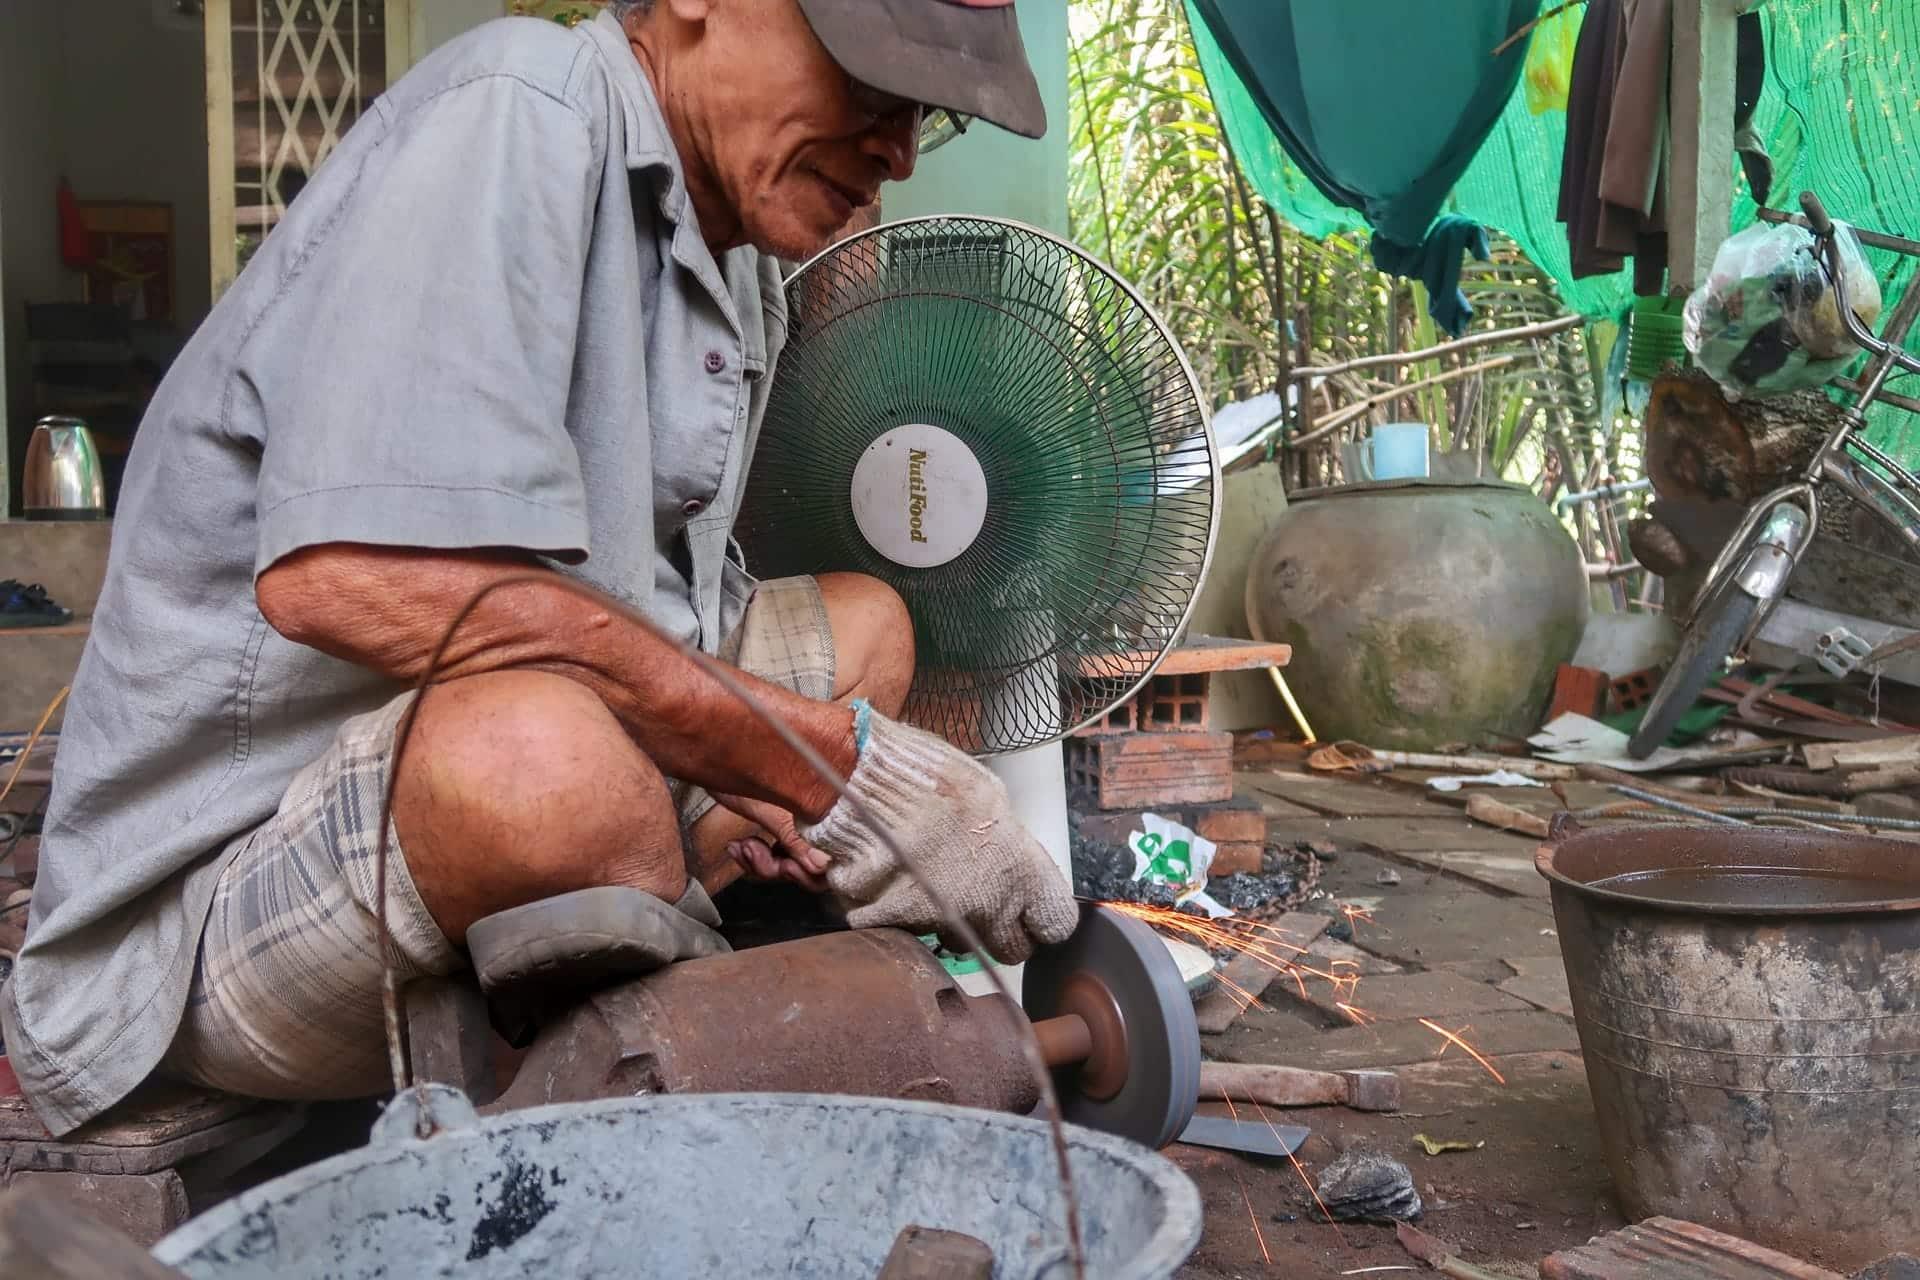 Mand laver knive af gammelt jern